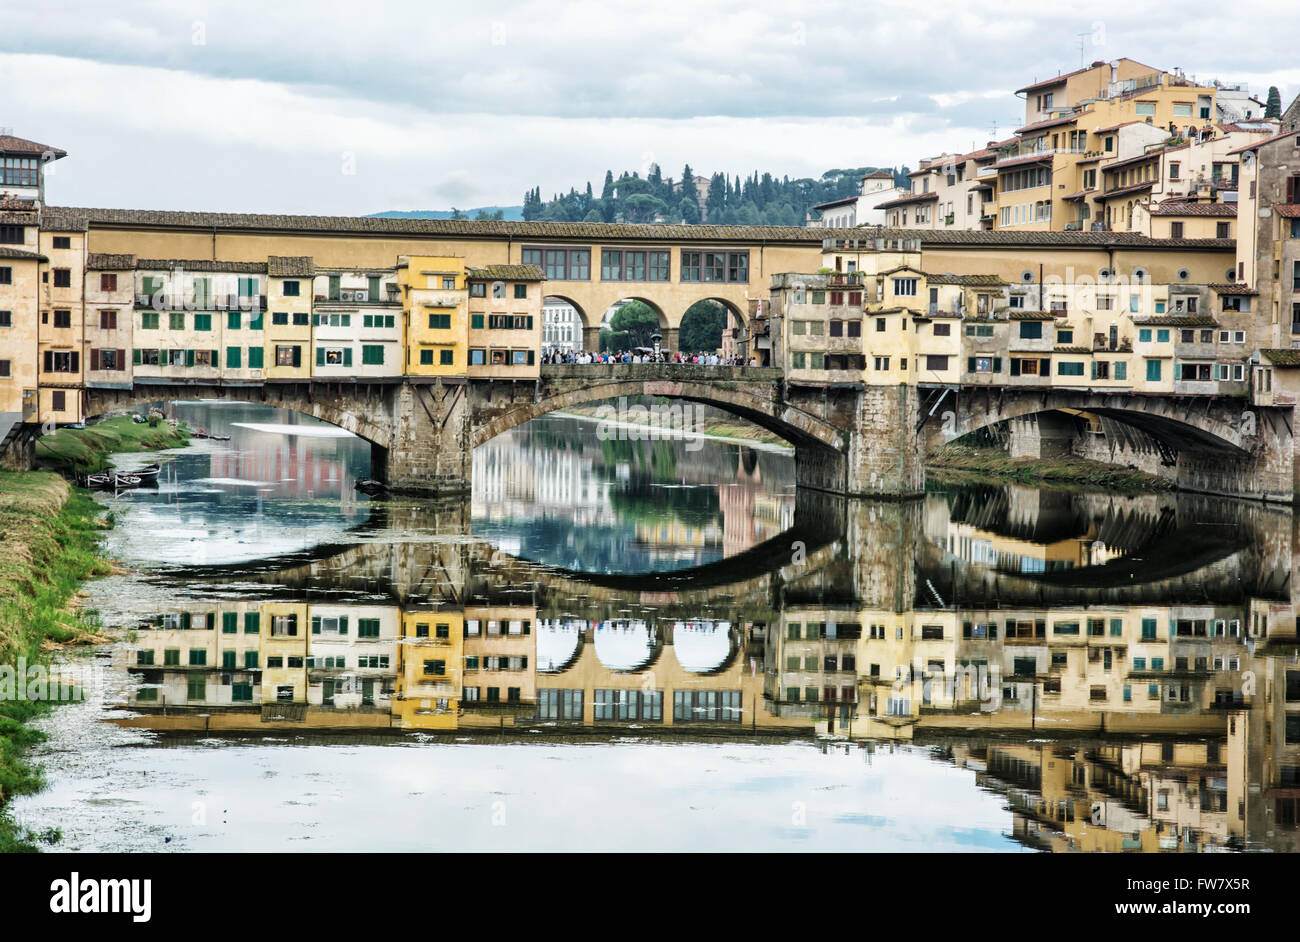 Le Ponte Vecchio se reflète dans l'Arno, Florence, Toscane, Italie. Destination de voyage. Patrimoine culturel. Photo Stock